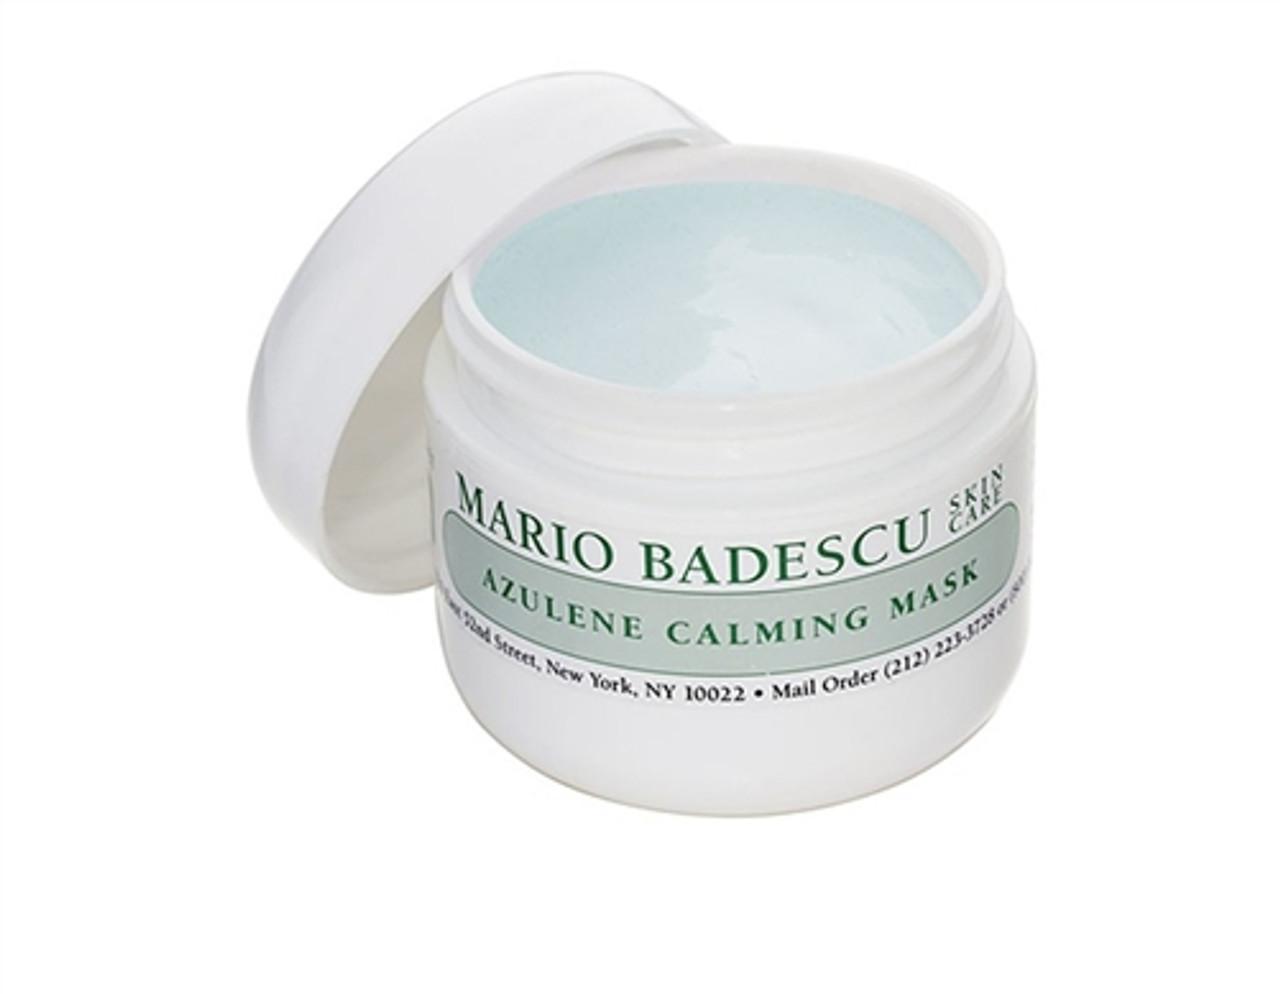 Mario Badescu Azulene Calming Mask - 2 OZ